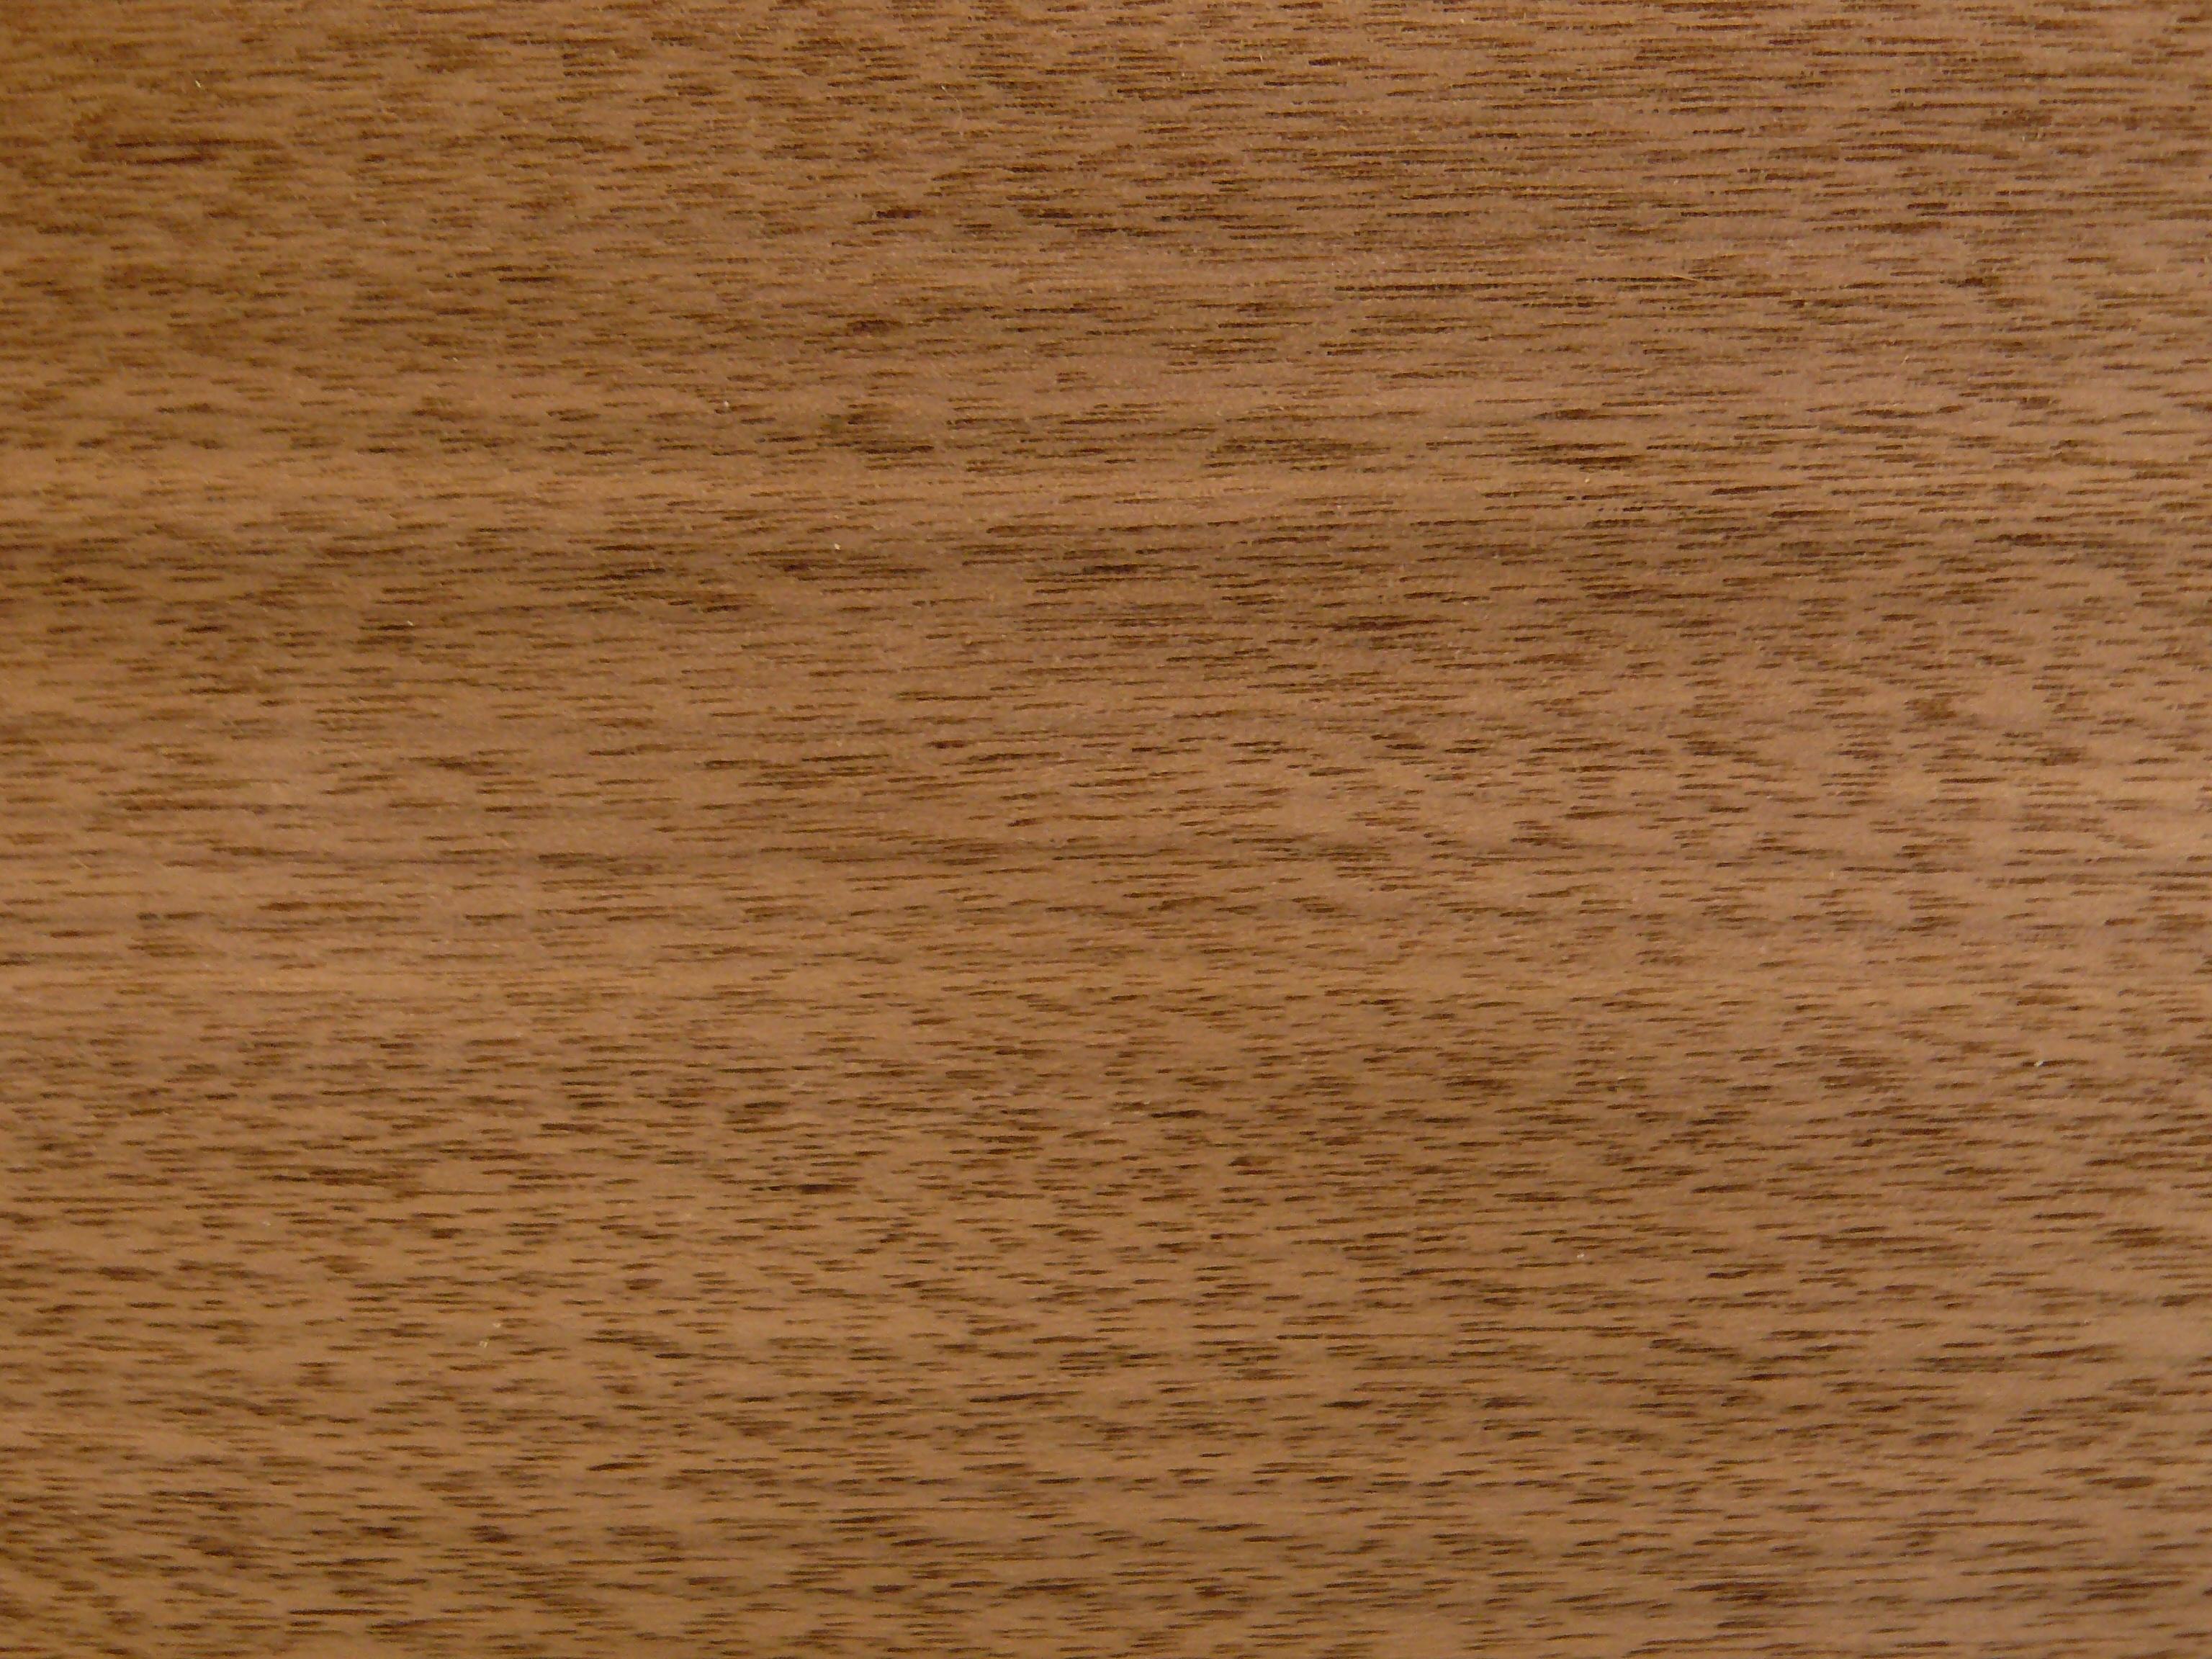 File texture de wikimedia commons - Acheter des cagettes en bois ...